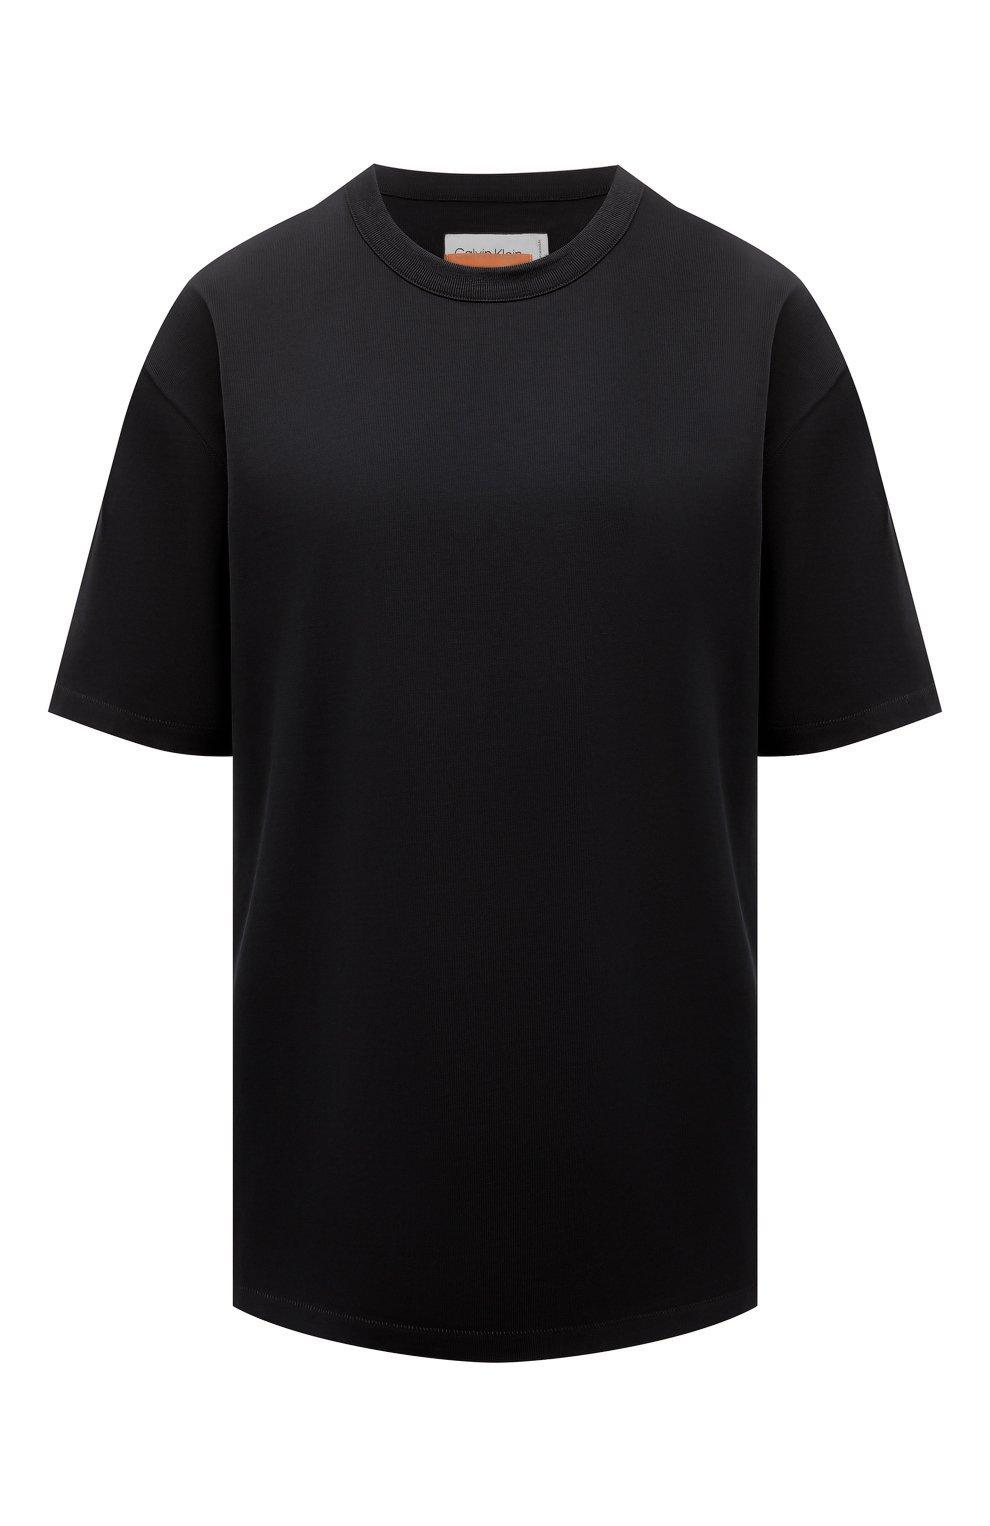 Женская хлопковая футболка HERON PRESTON FOR CALVIN KLEIN черного цвета, арт. K10K108252   Фото 1 (Женское Кросс-КТ: Футболка-спорт; Принт: Без принта; Рукава: Короткие; Длина (для топов): Стандартные; Материал внешний: Хлопок; Стили: Спорт-шик)